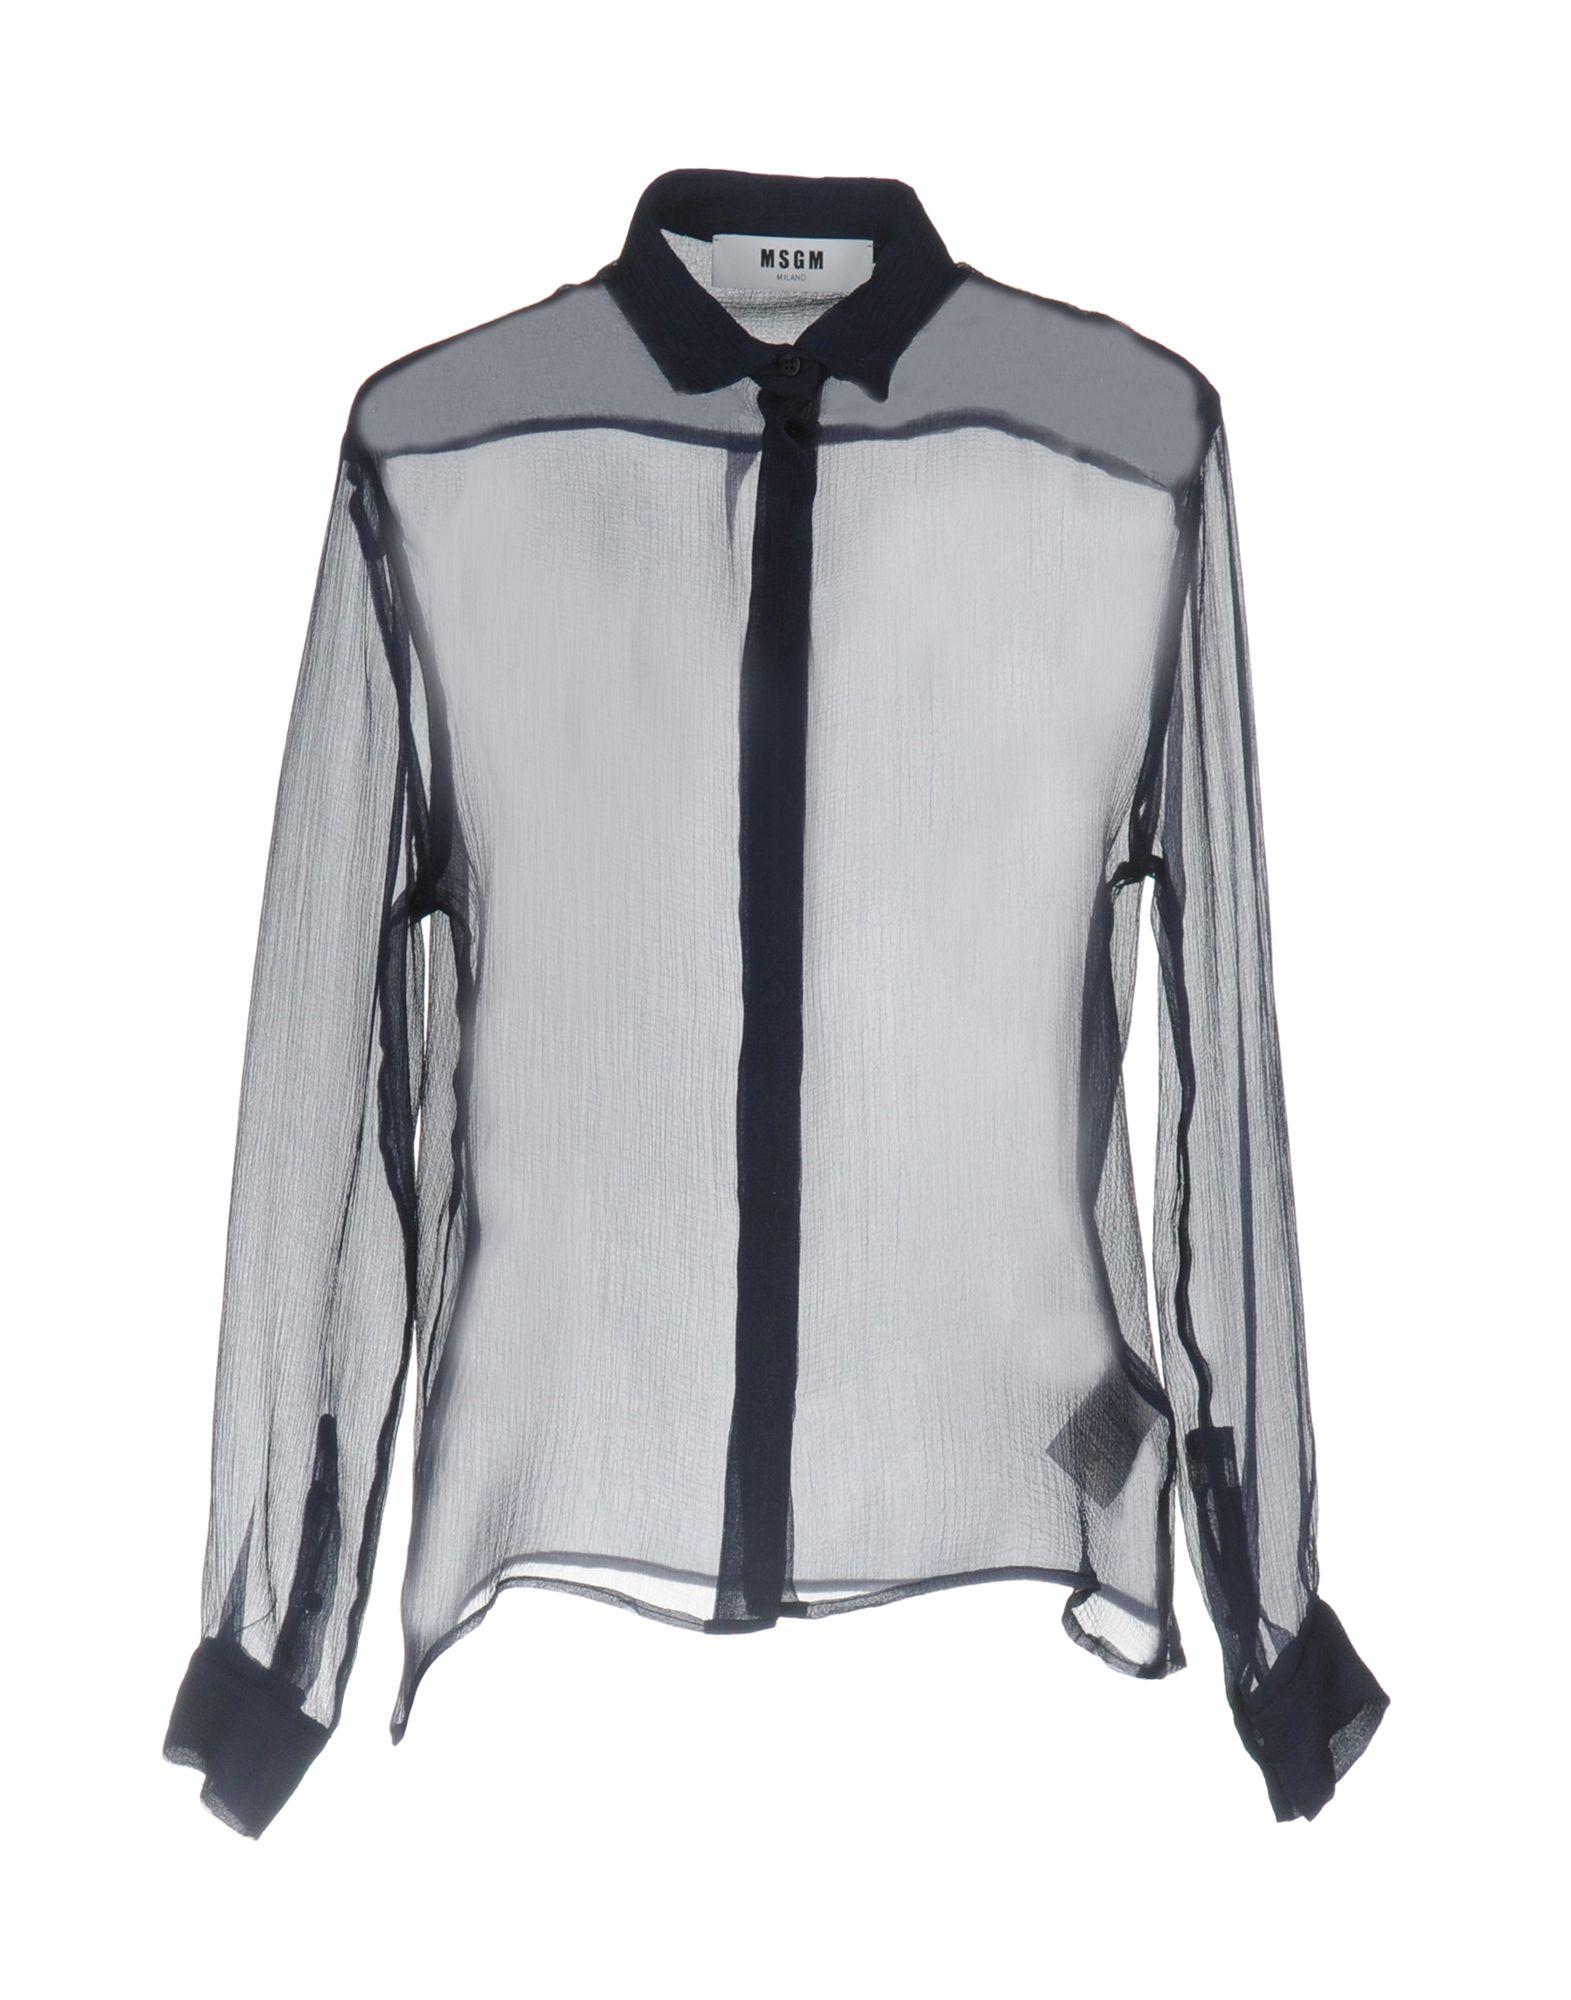 25a59f6f5e Msgm Donna - gonne, abiti e abbigliamento online su YOOX Italy